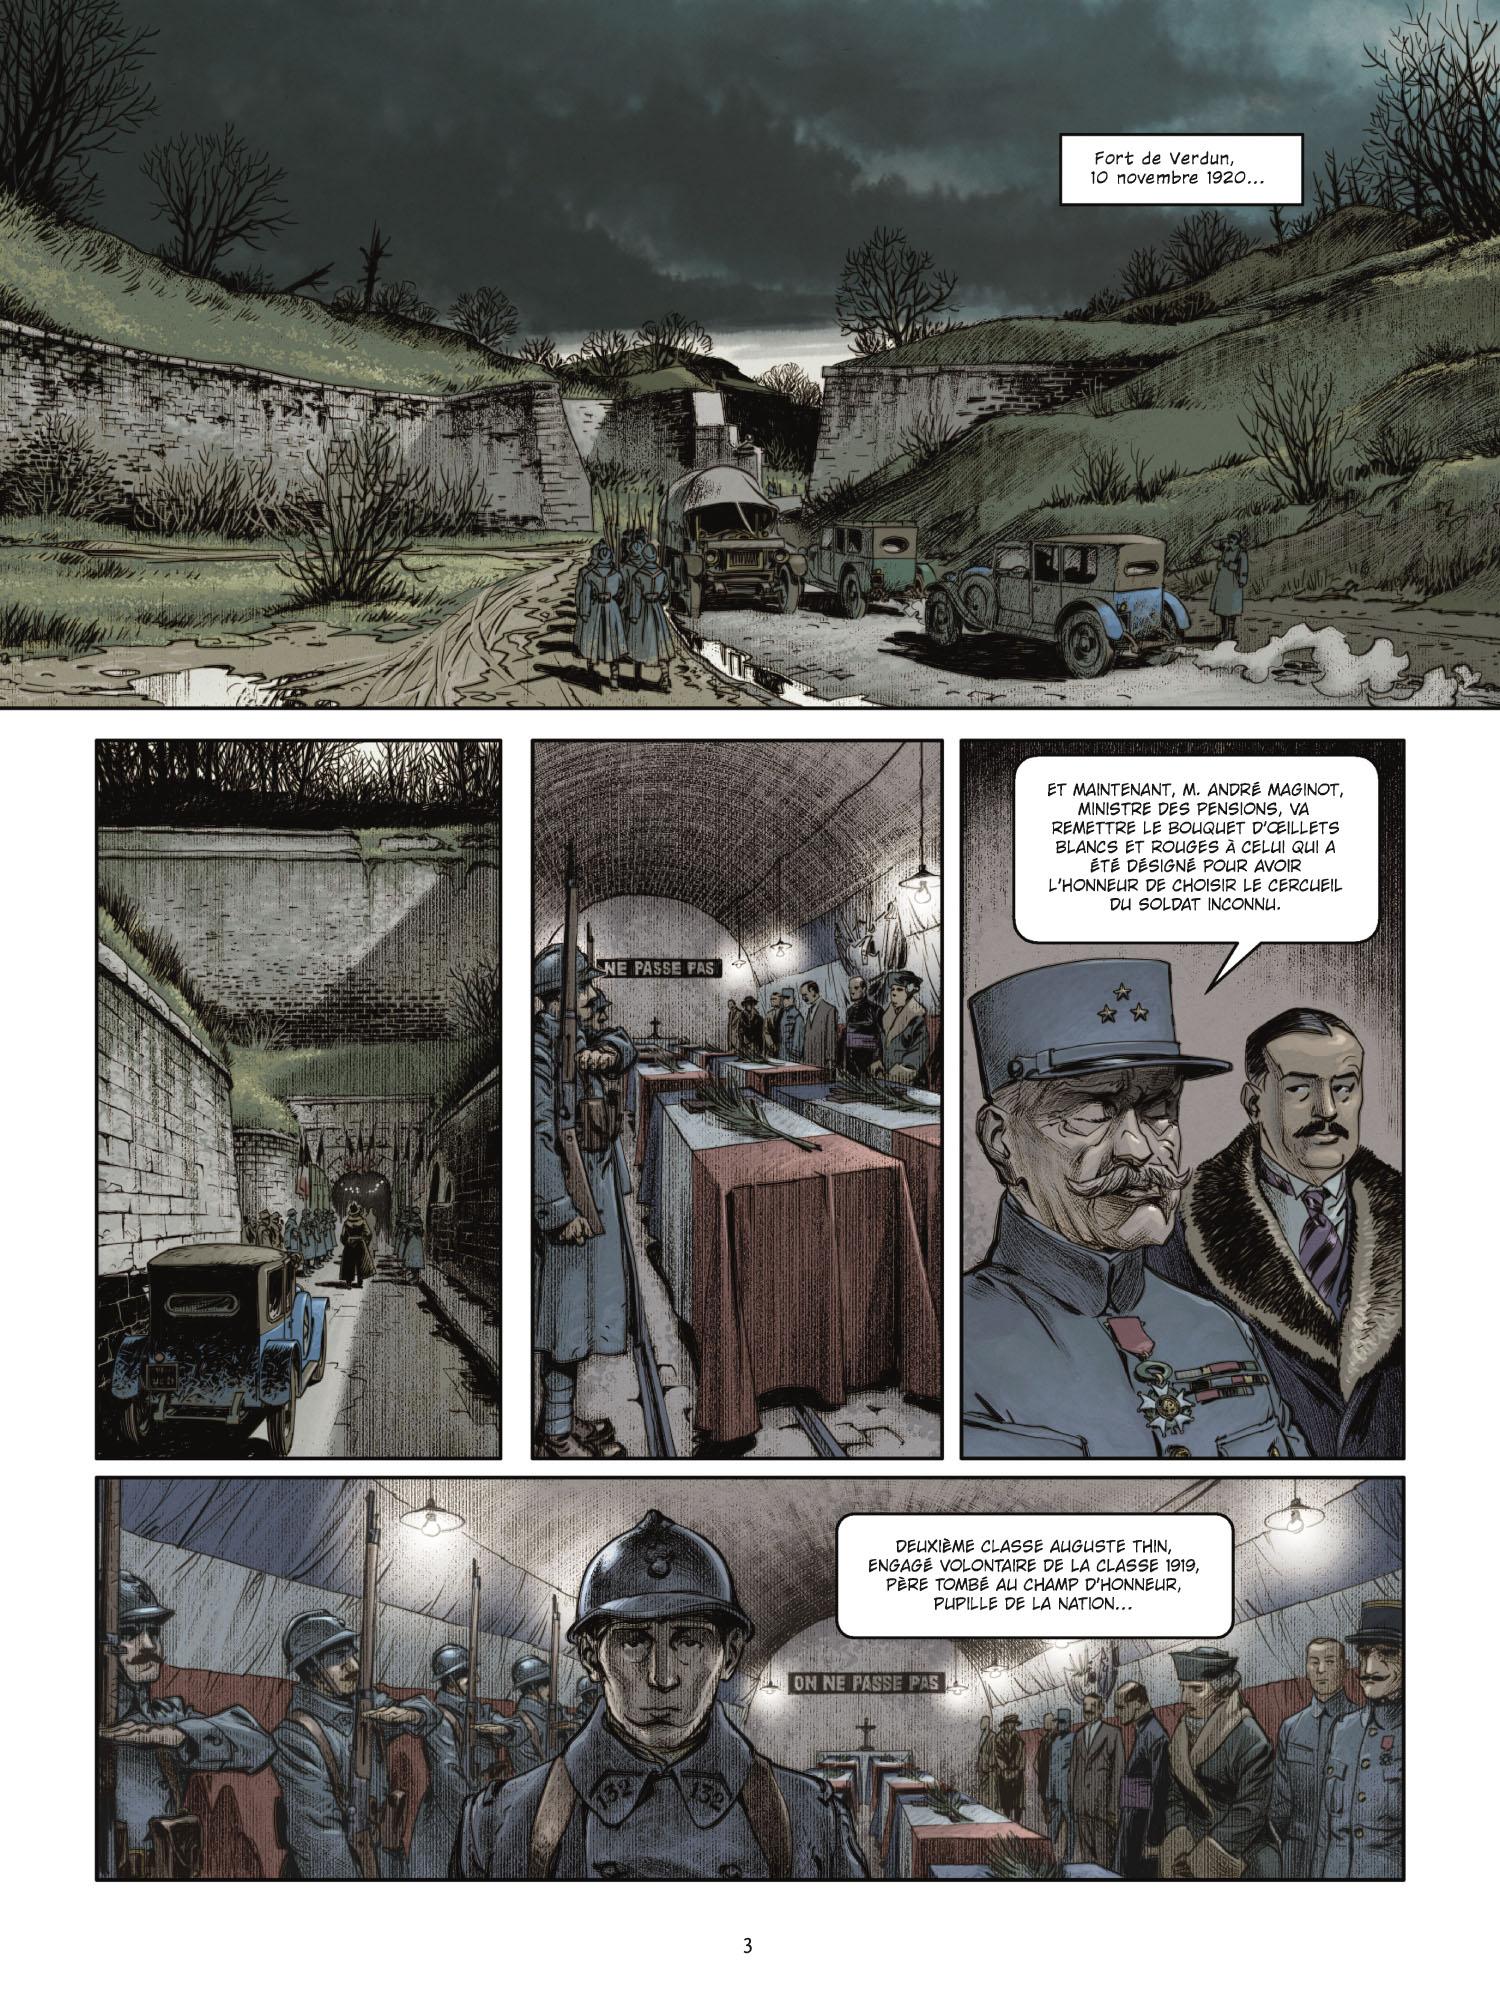 Extrait 1 L'homme de l'année (tome 1)  - 1917